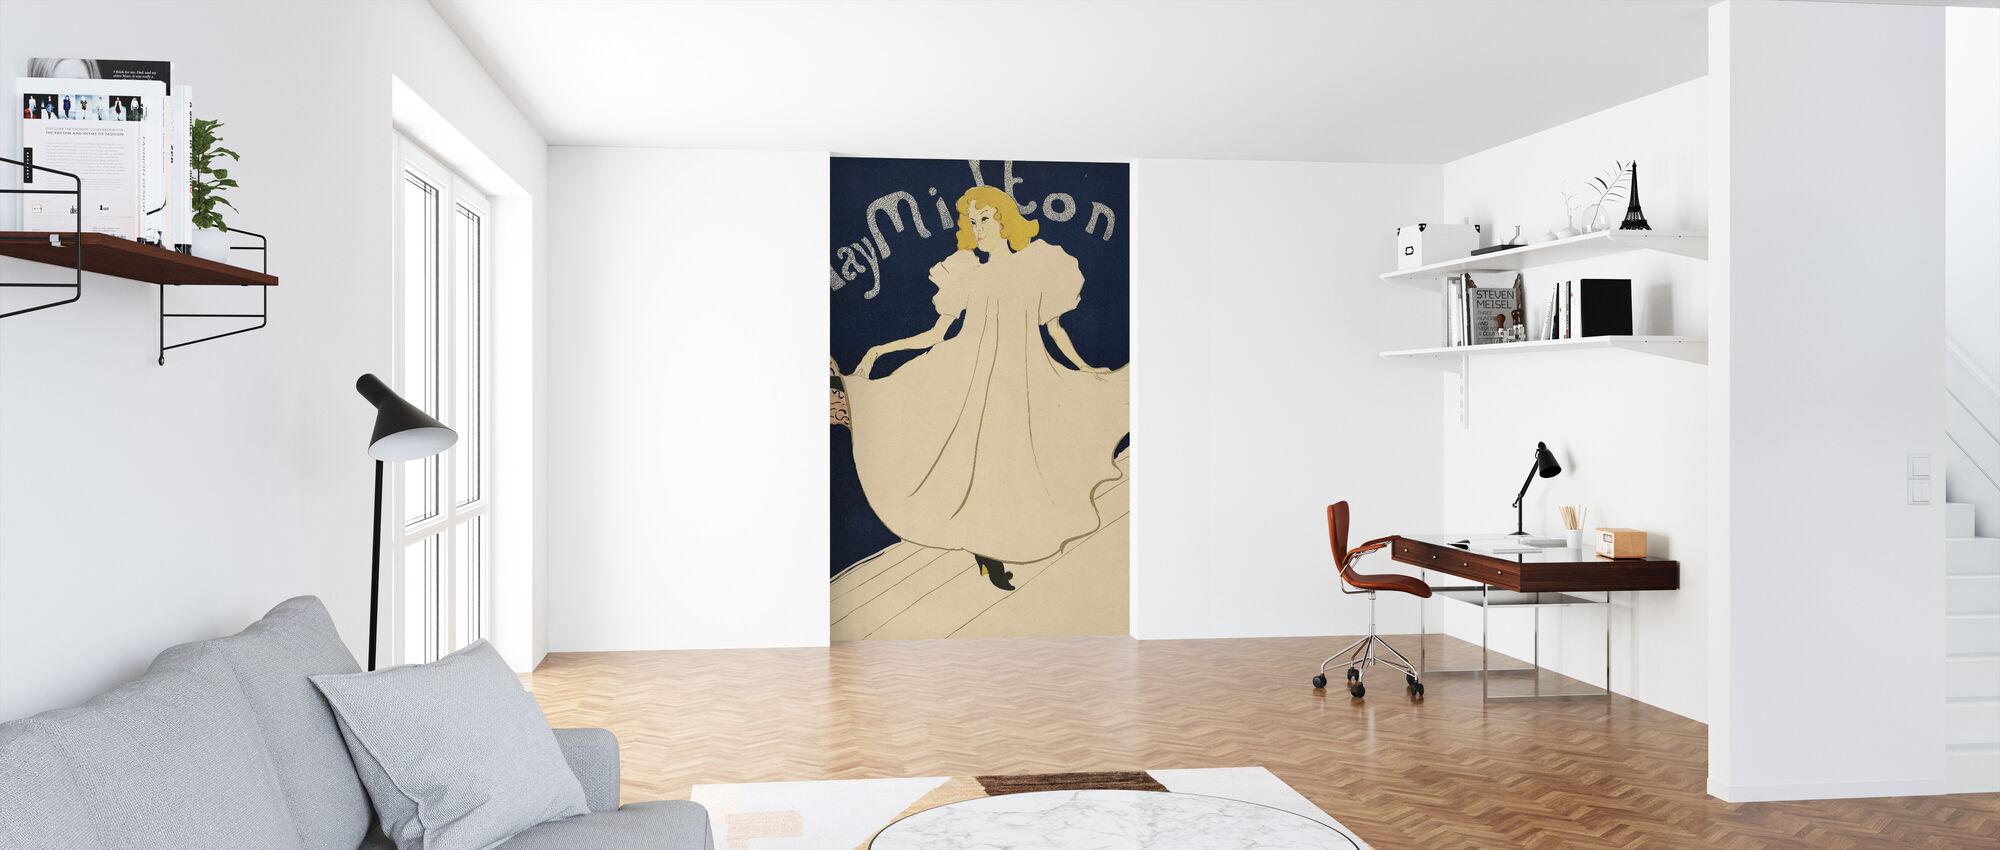 mei Milton - Henri de Toulouse-Lautrec - Behang - Kantoor